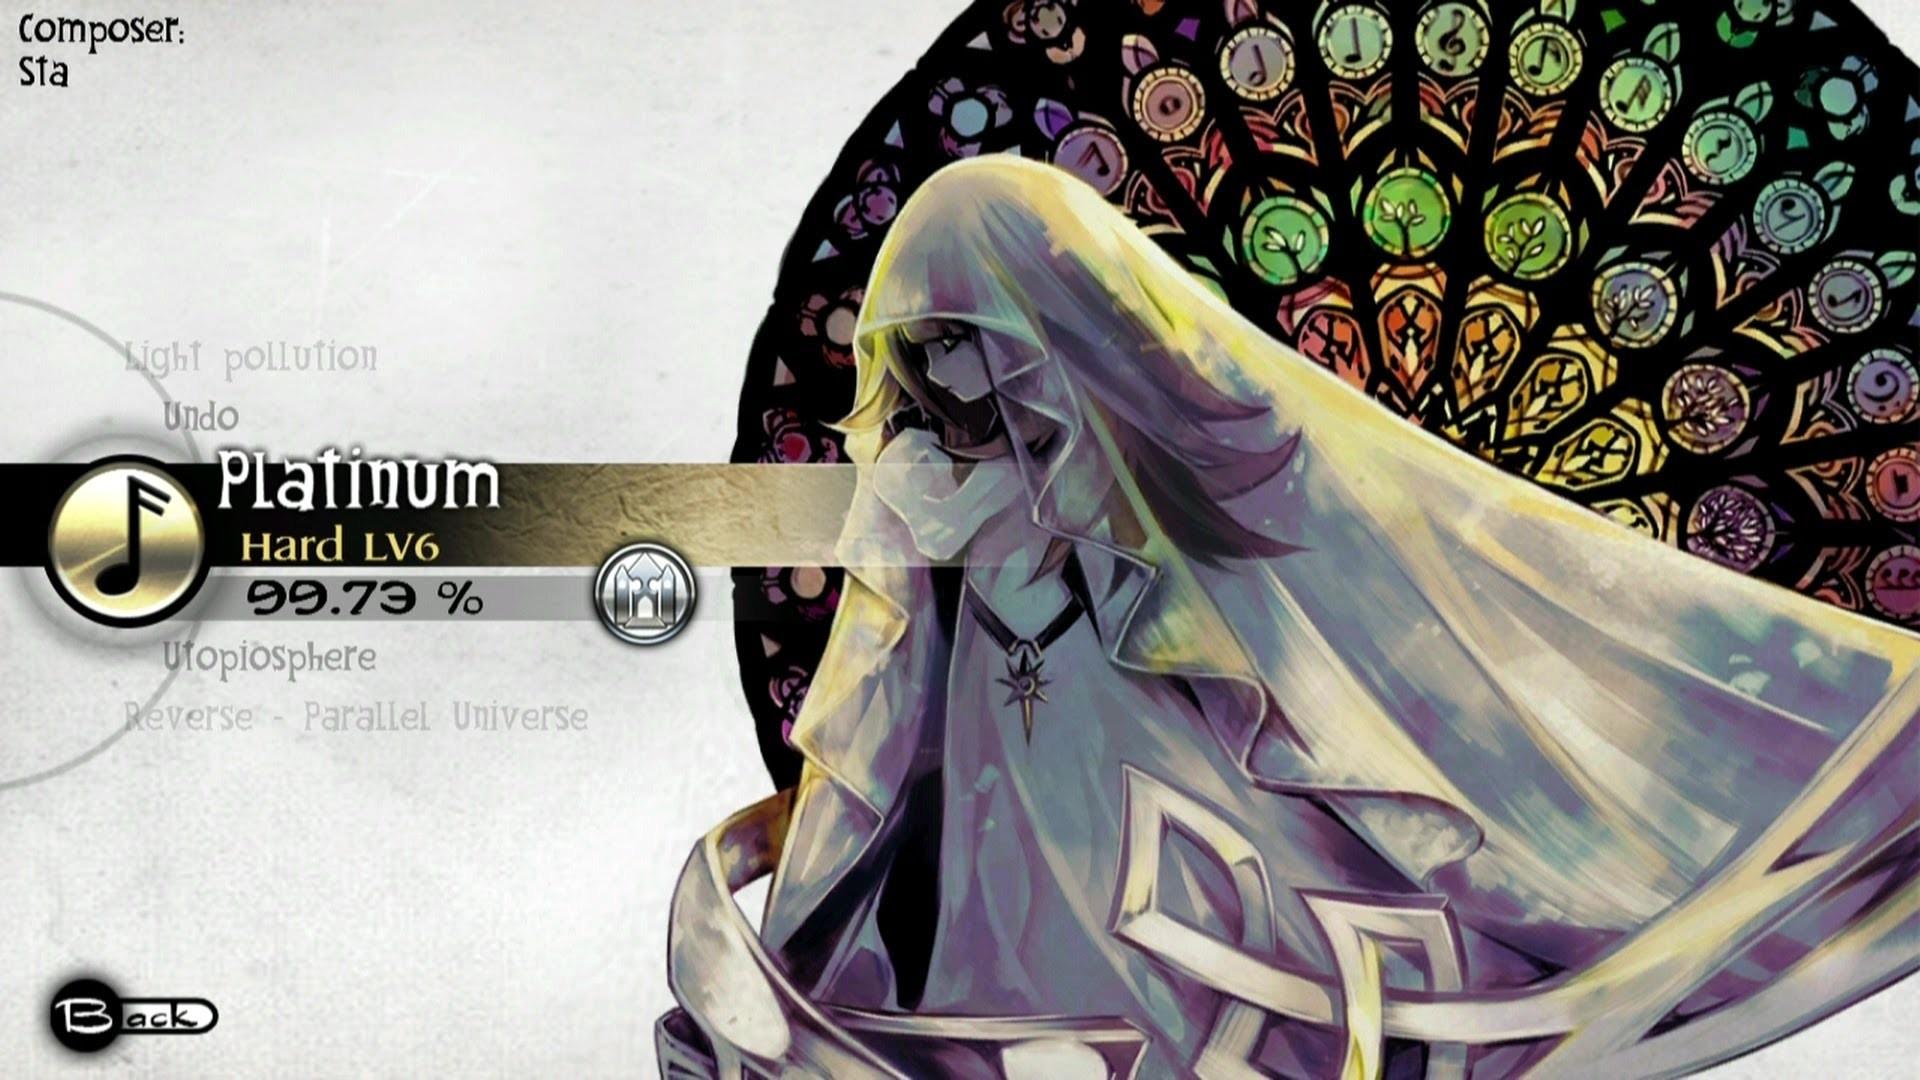 [디모 (Deemo)] Sta – Platinum (Hard LV6) – YouTube